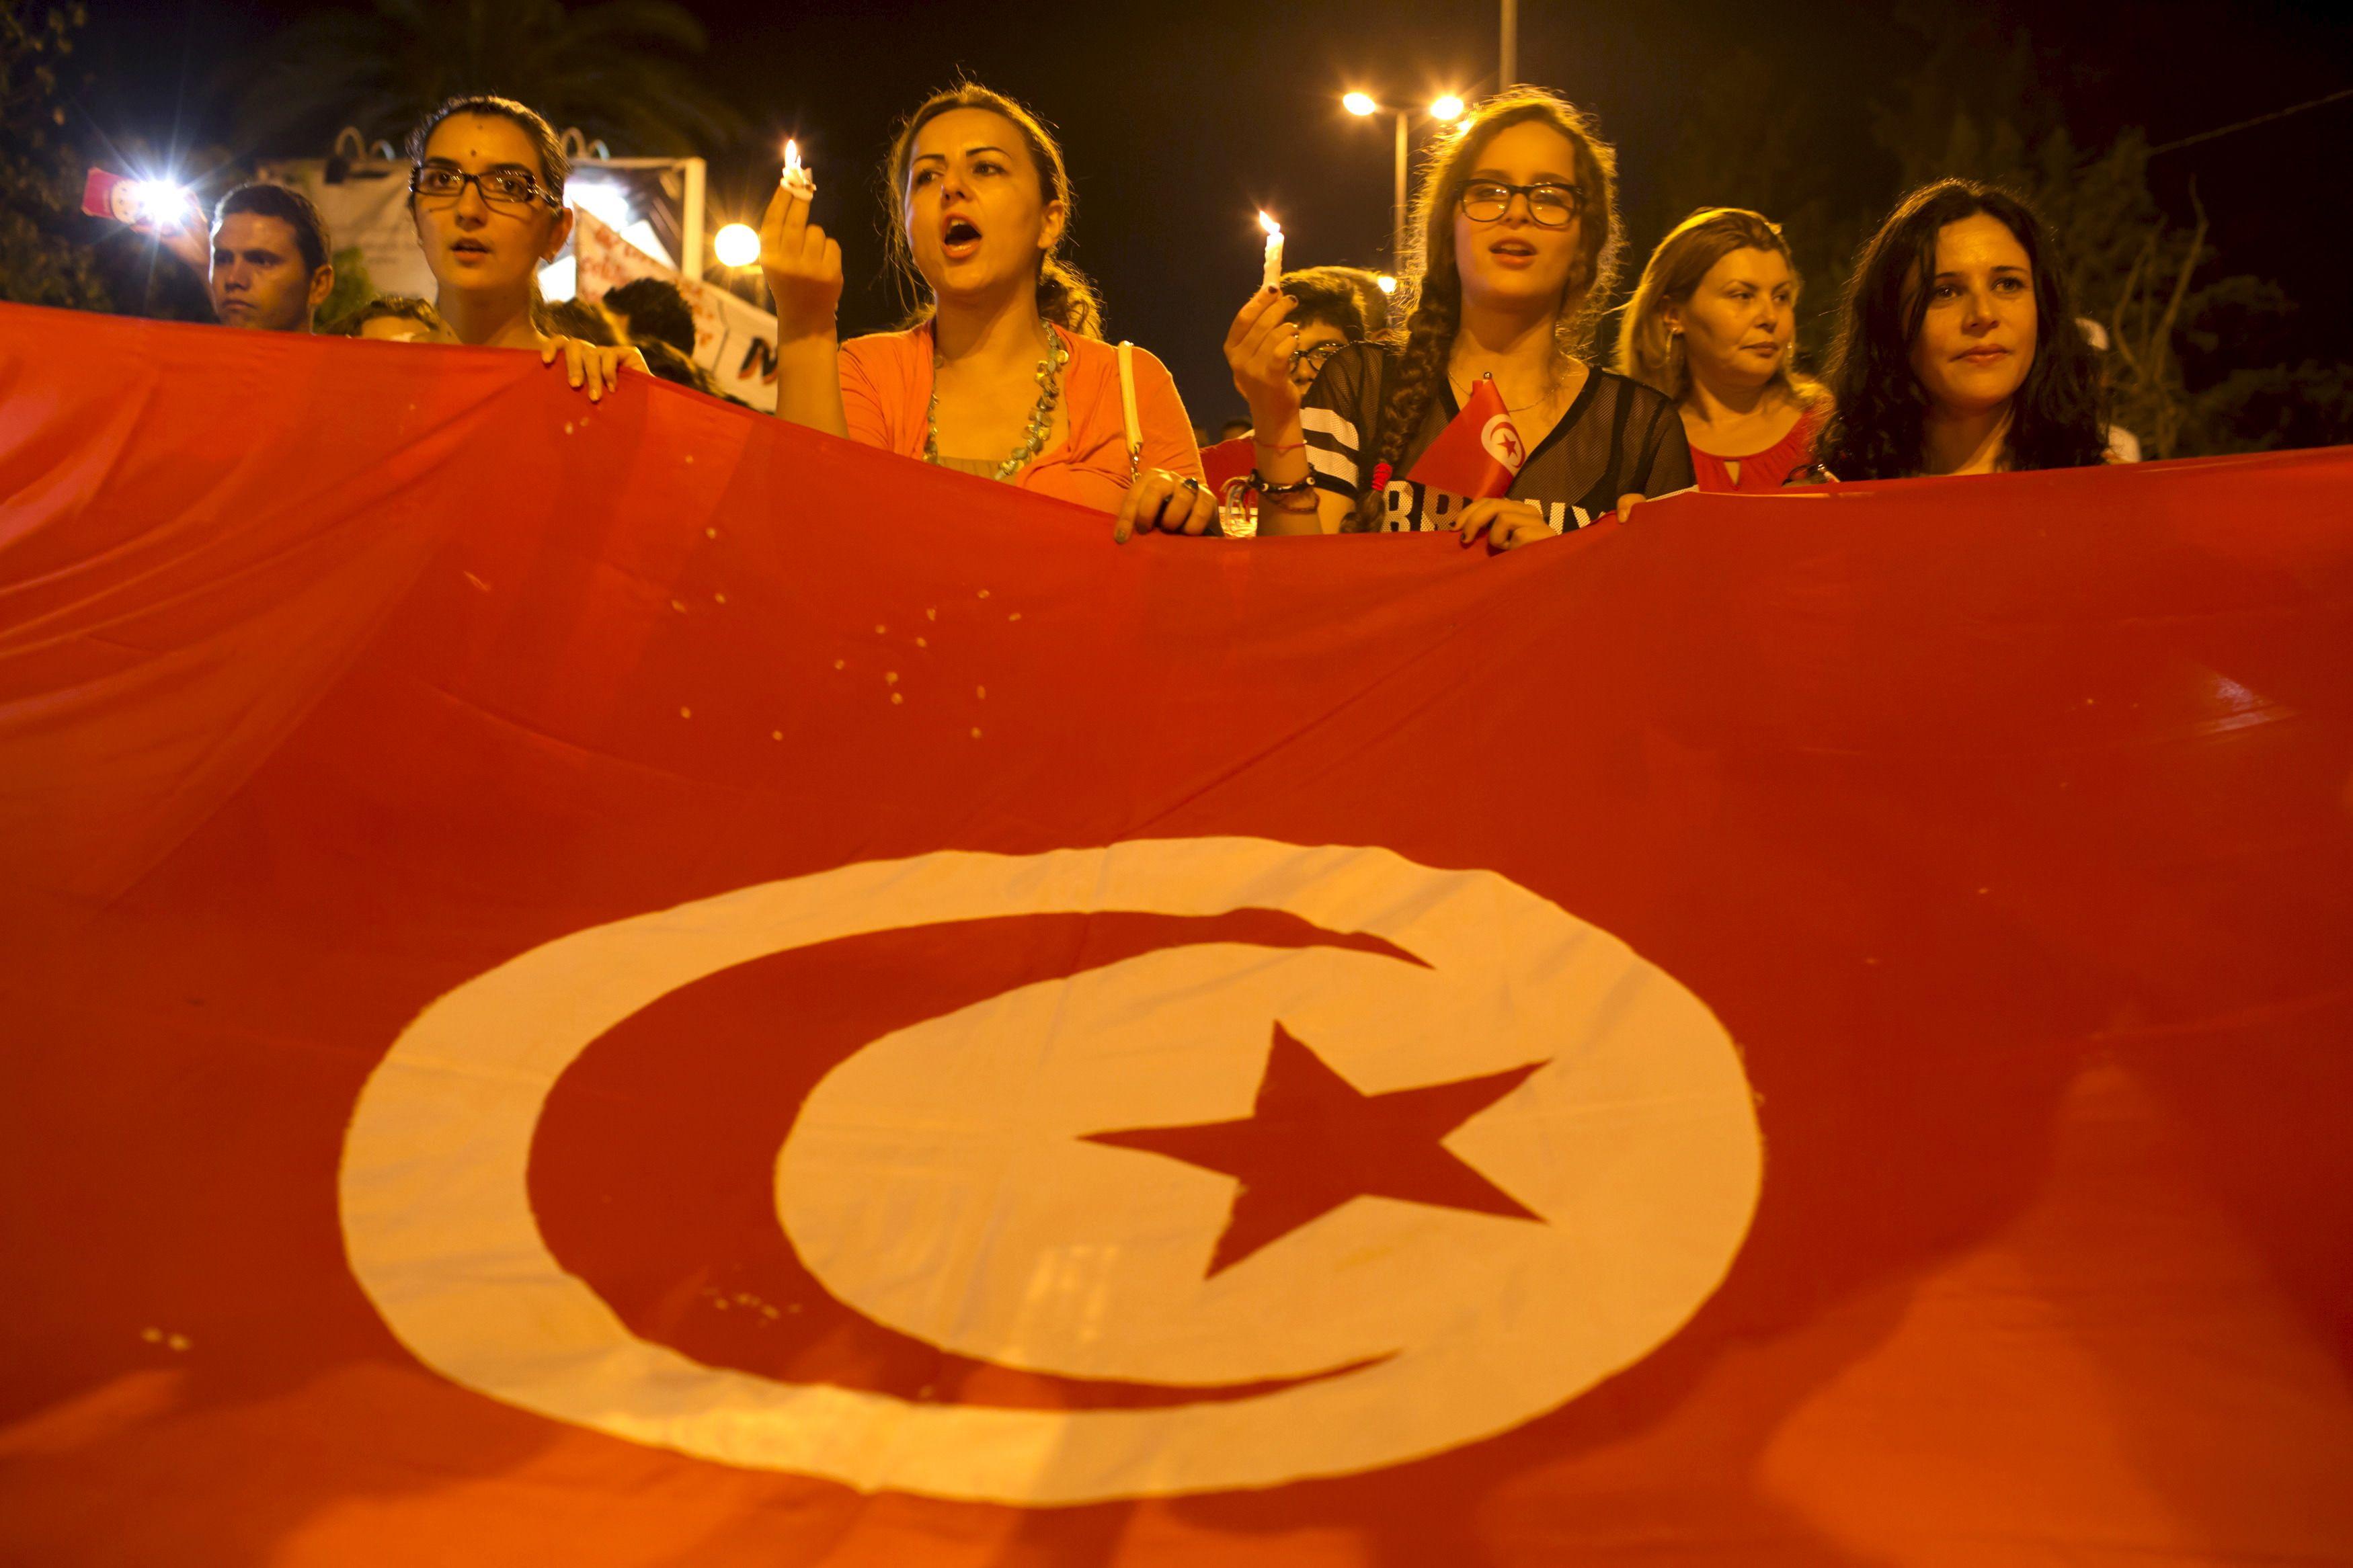 Des manifestations de soutien aux victimes en Turquie suite aux attentats perpétrés par l'Etat islamique.